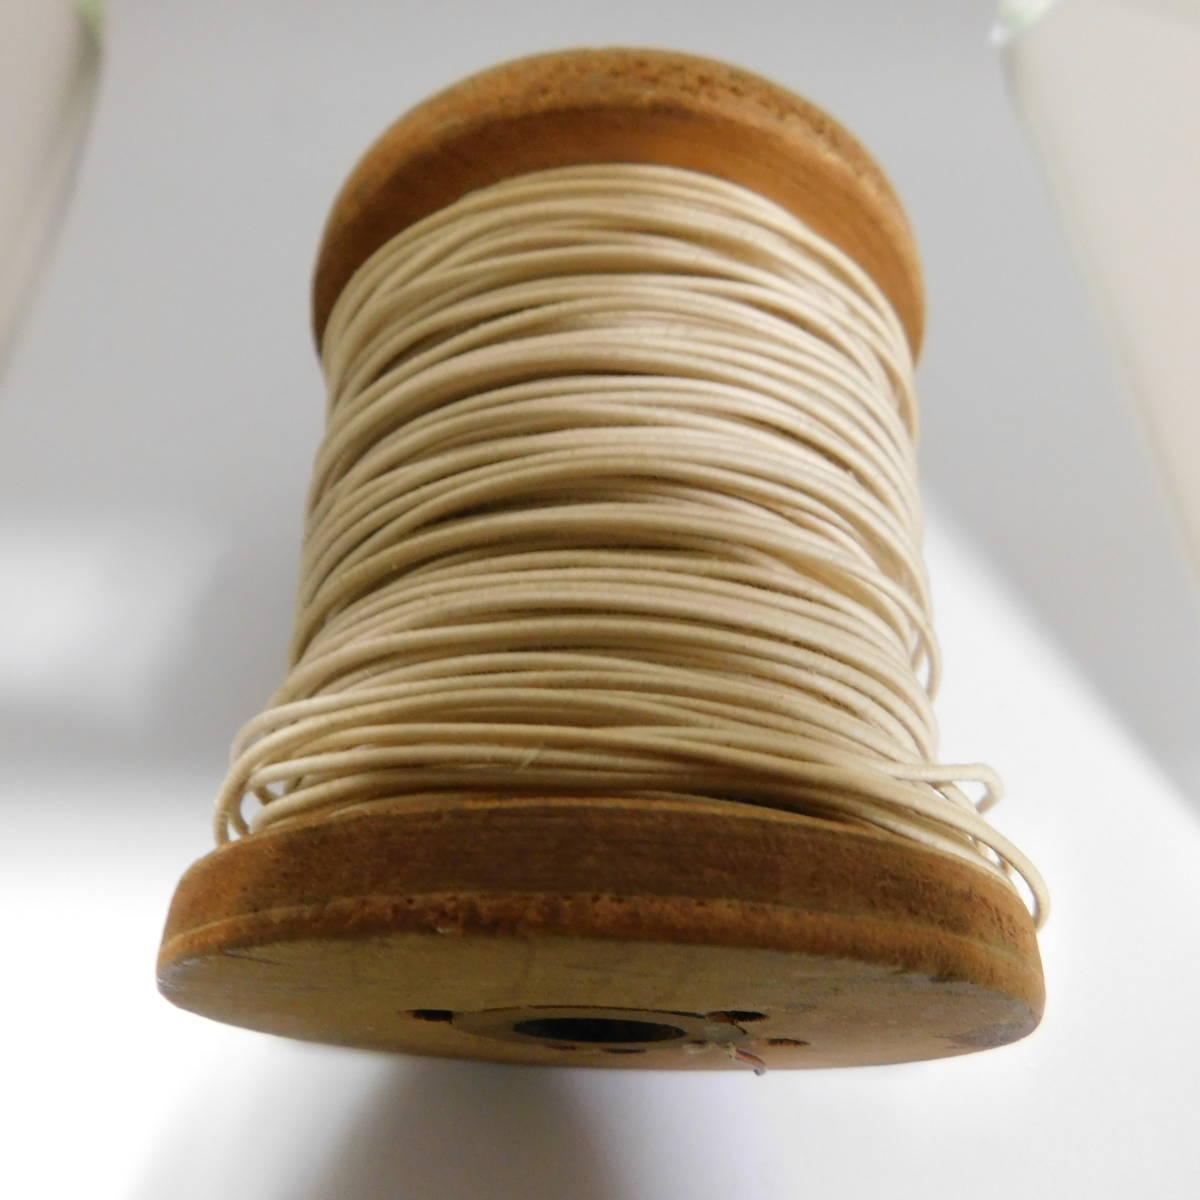 米国 ダブルコットン巻 裸銅線 1.05mm径 2m切売り_画像2